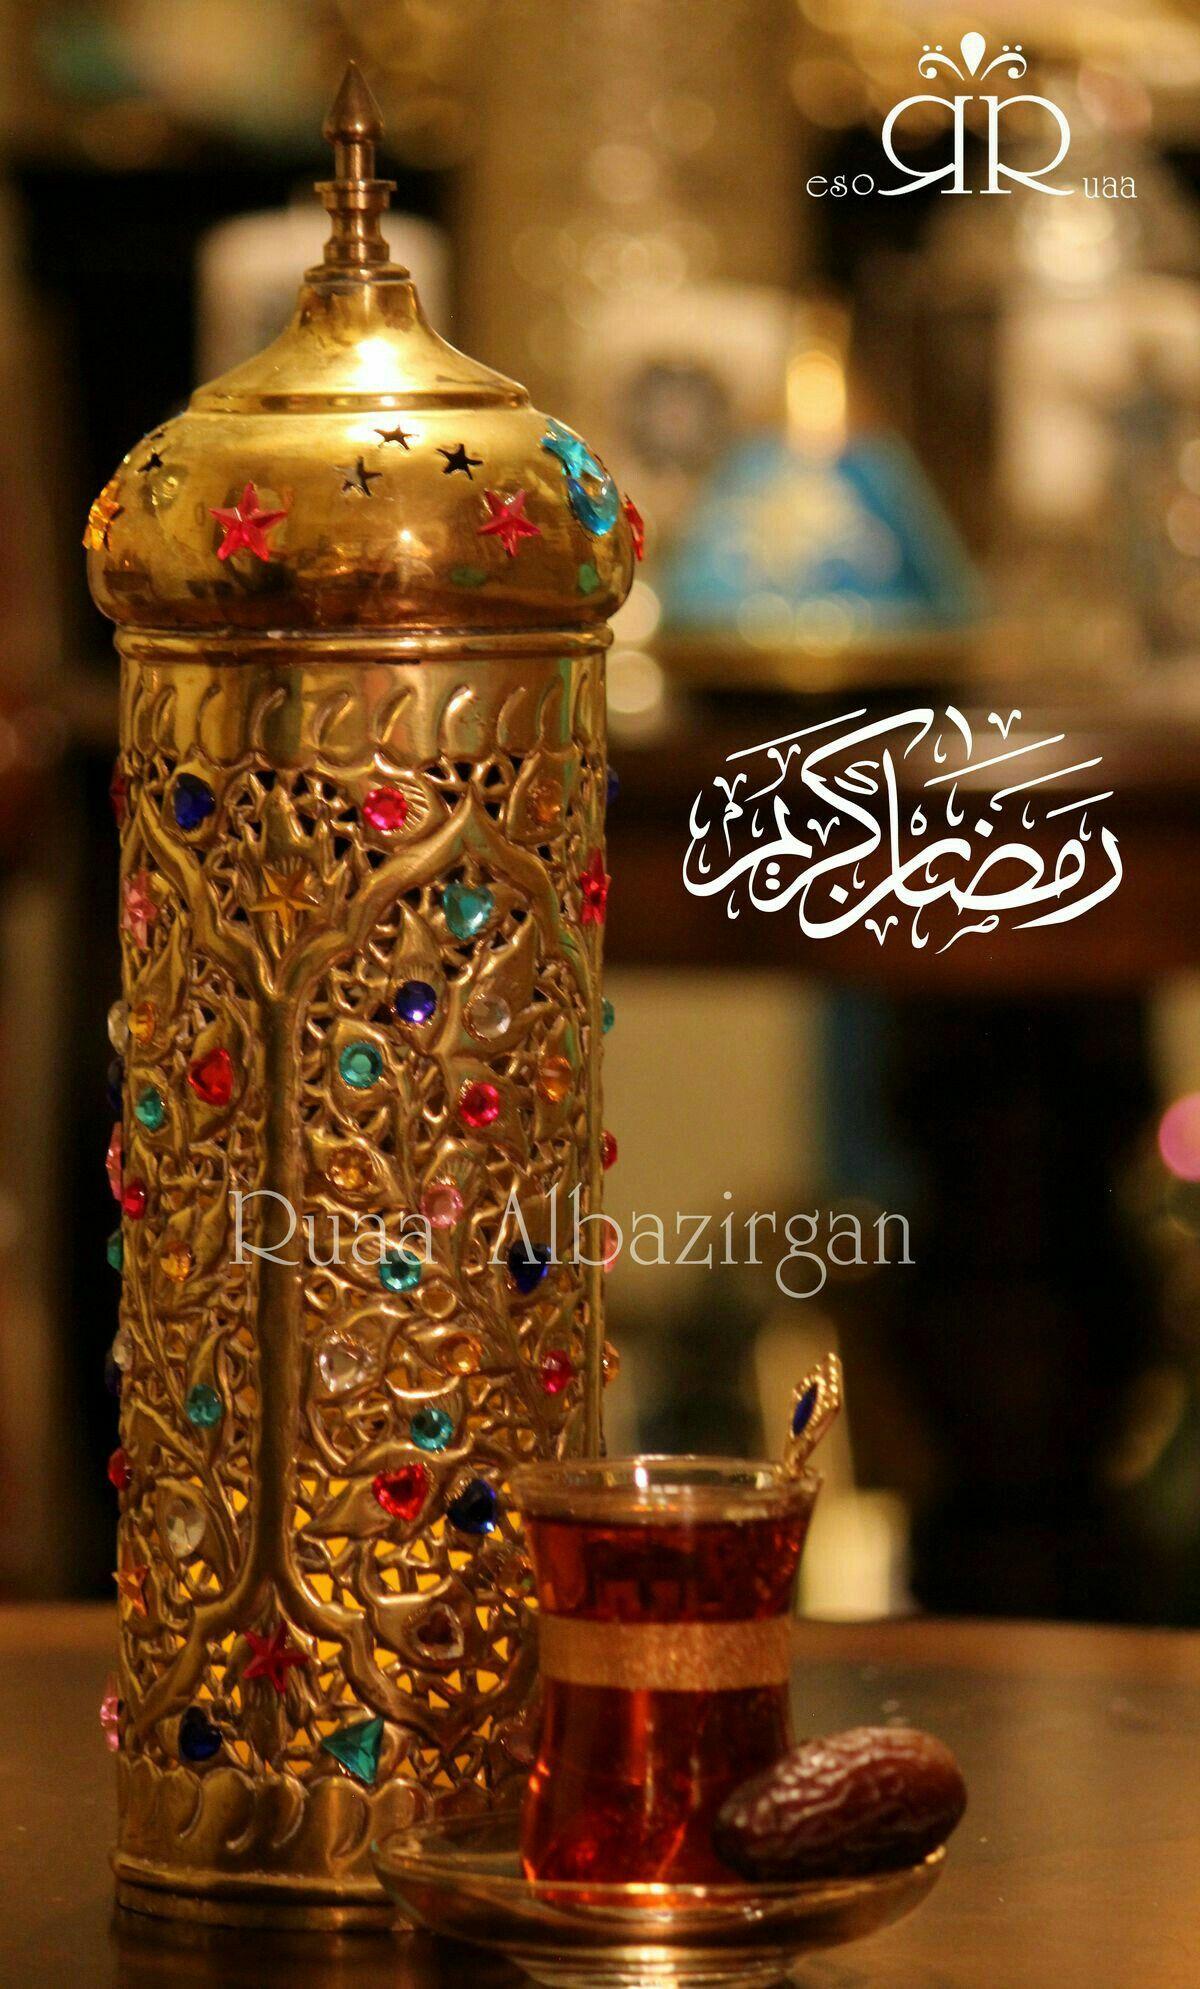 Pin By Eslam Sabry On Ramazan Dpz Ramadan Kareem Decoration Ramadan Decorations Ramadan Wishes